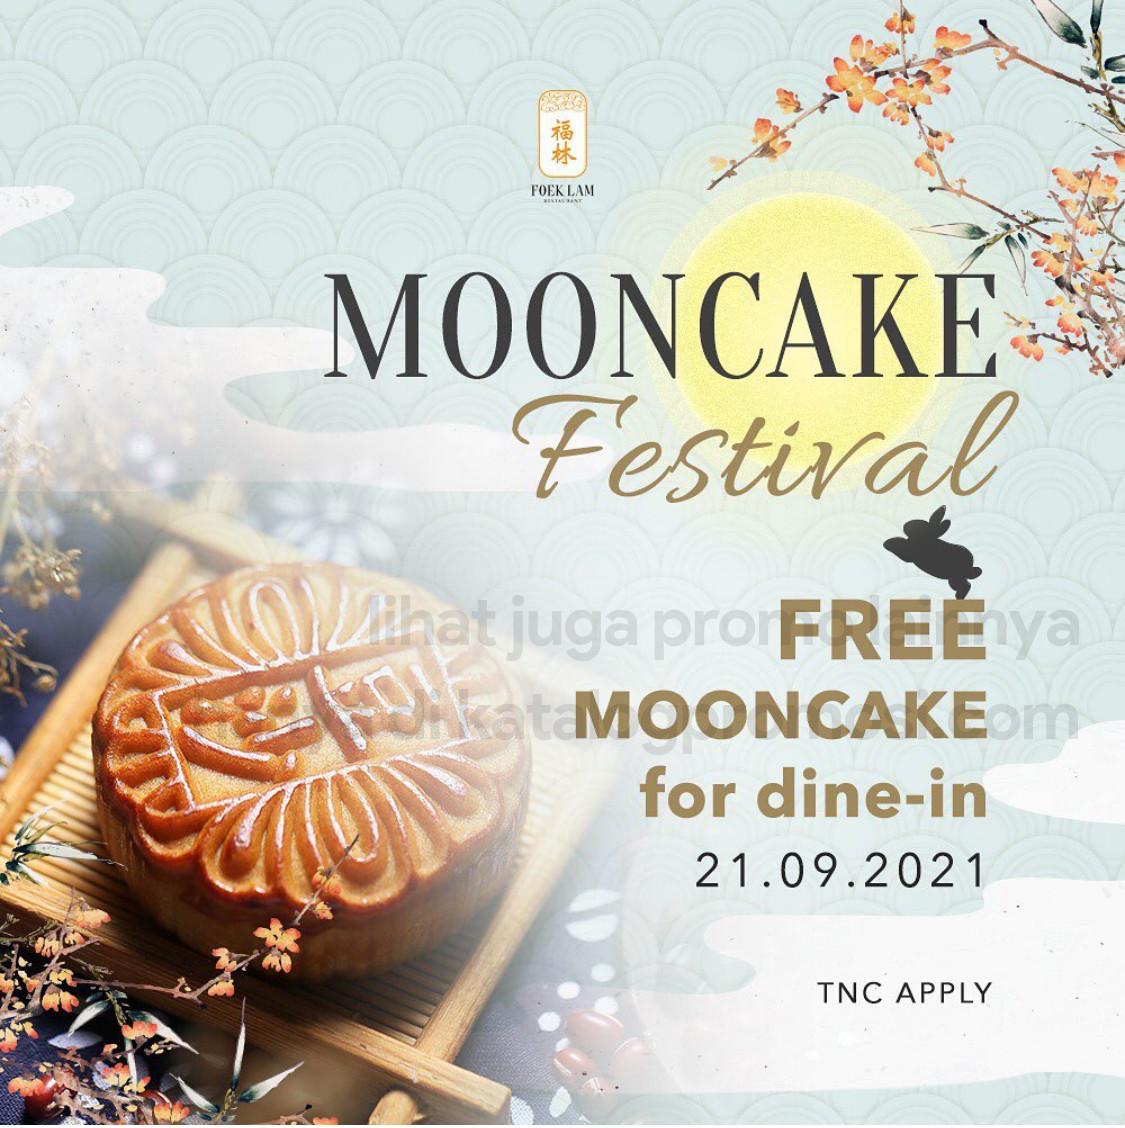 Promo FOEK LAM MOONCAKE FESTIVAL - FREE mooncake for everyone